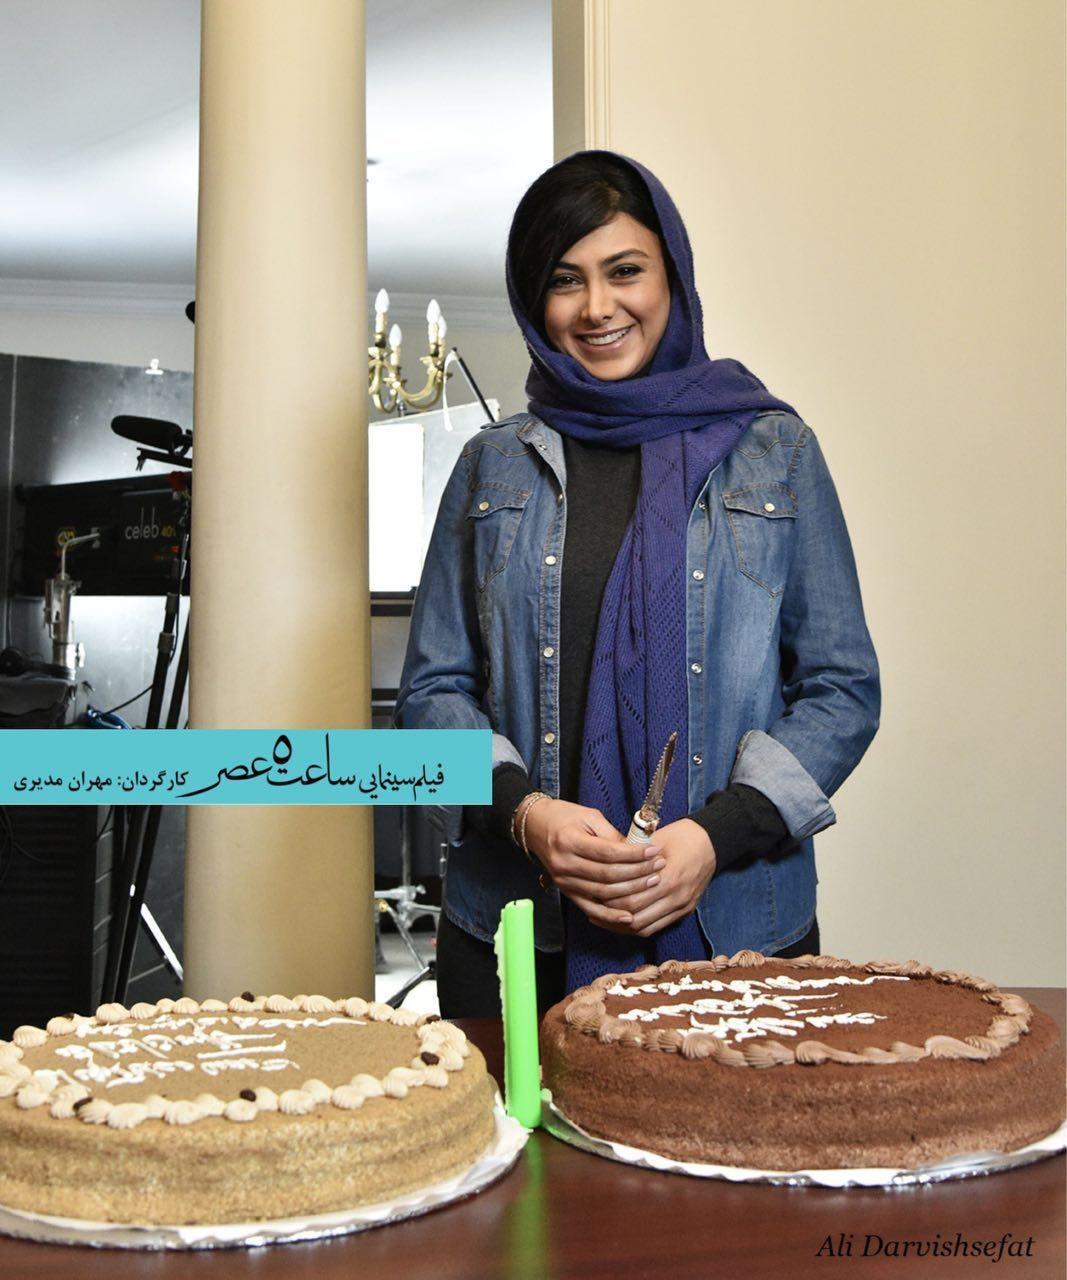 جشن تولد آزاده صمدی سر صحنه فیلم مدیری | عکس